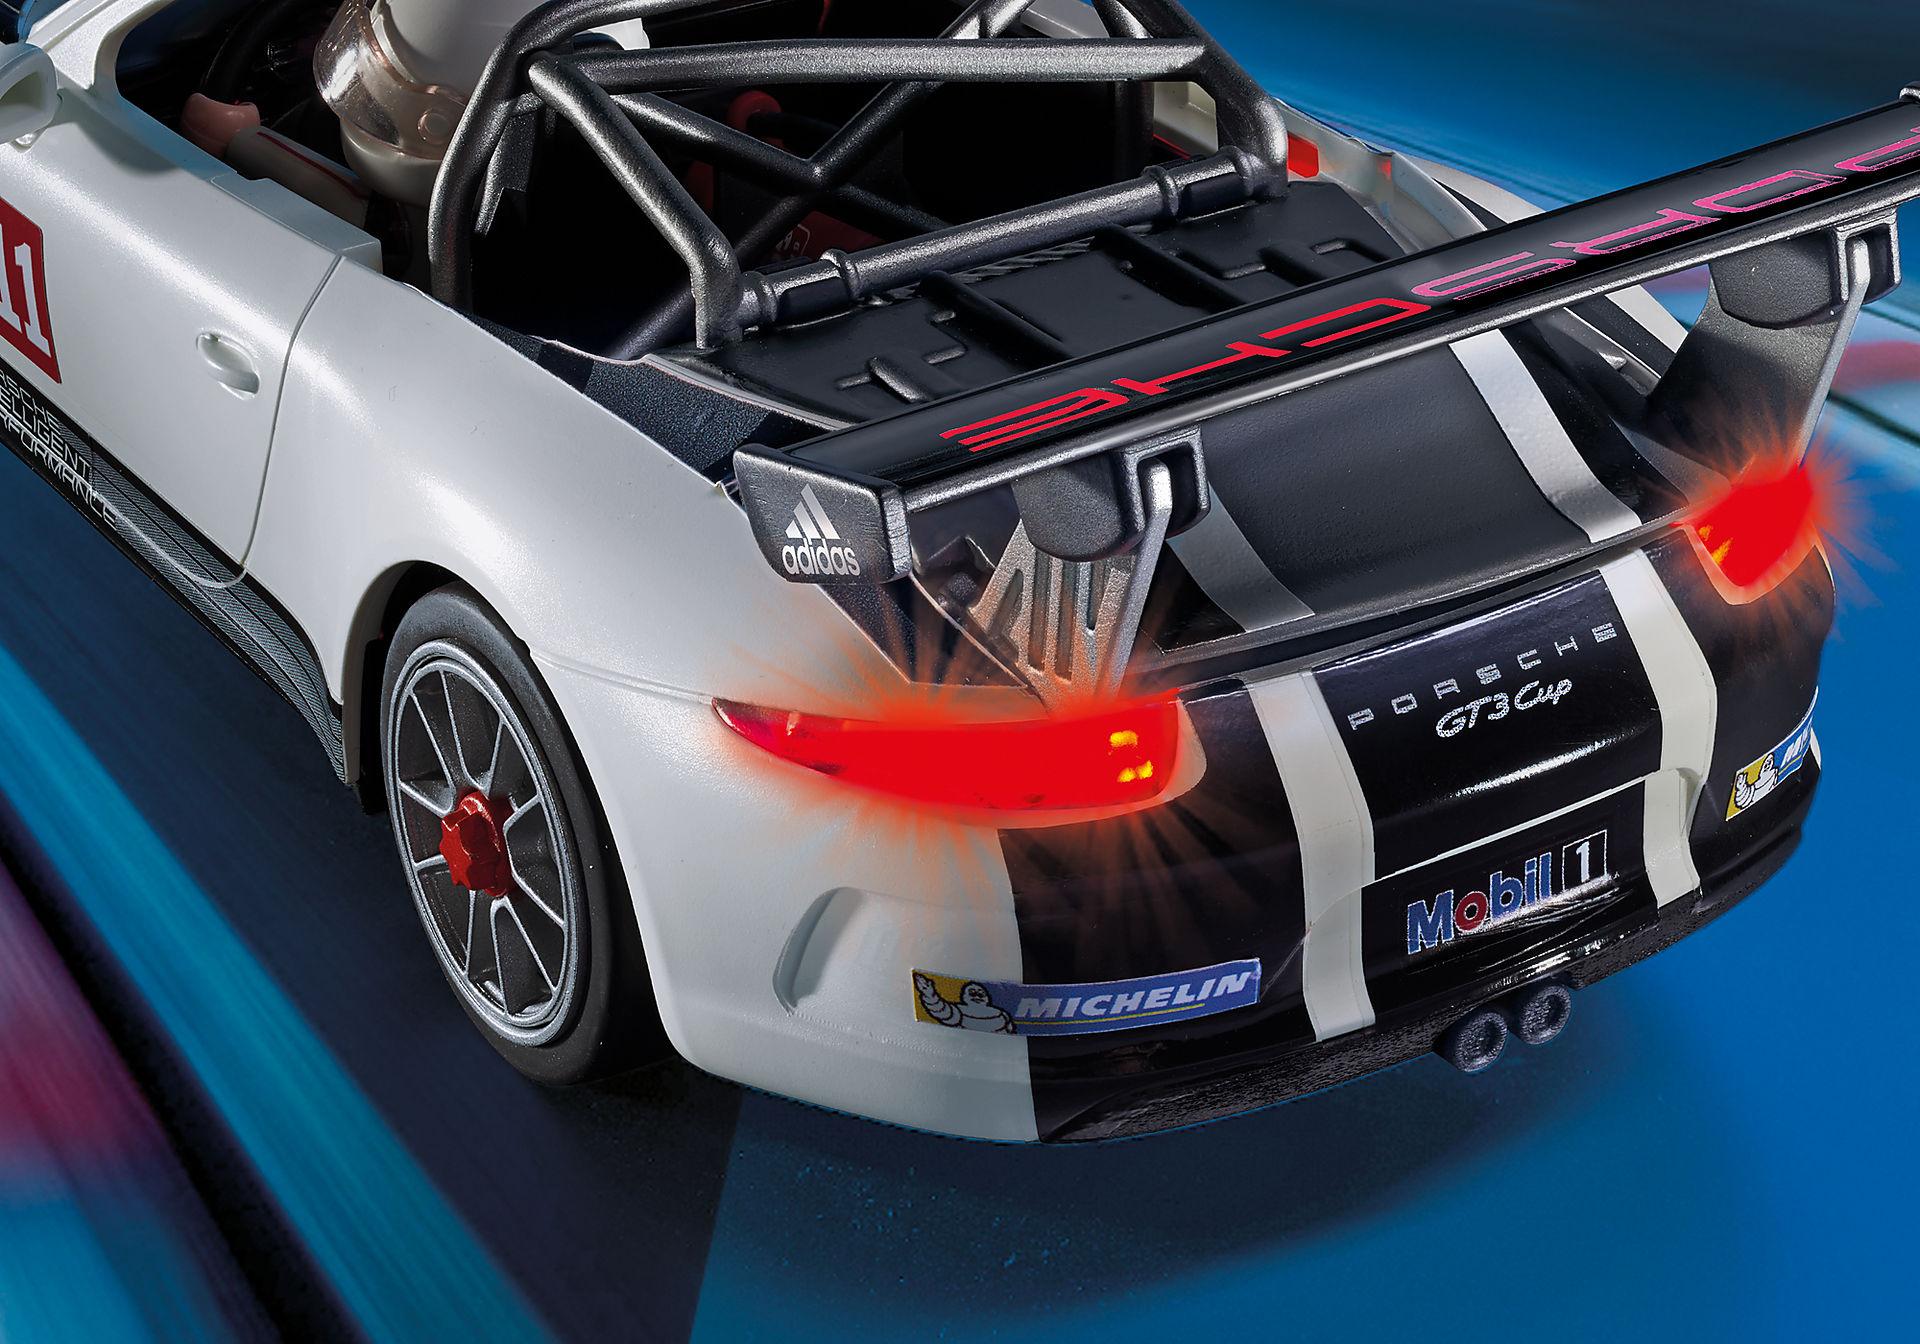 http://media.playmobil.com/i/playmobil/9225_product_extra5/PORSCHE 911 GT3